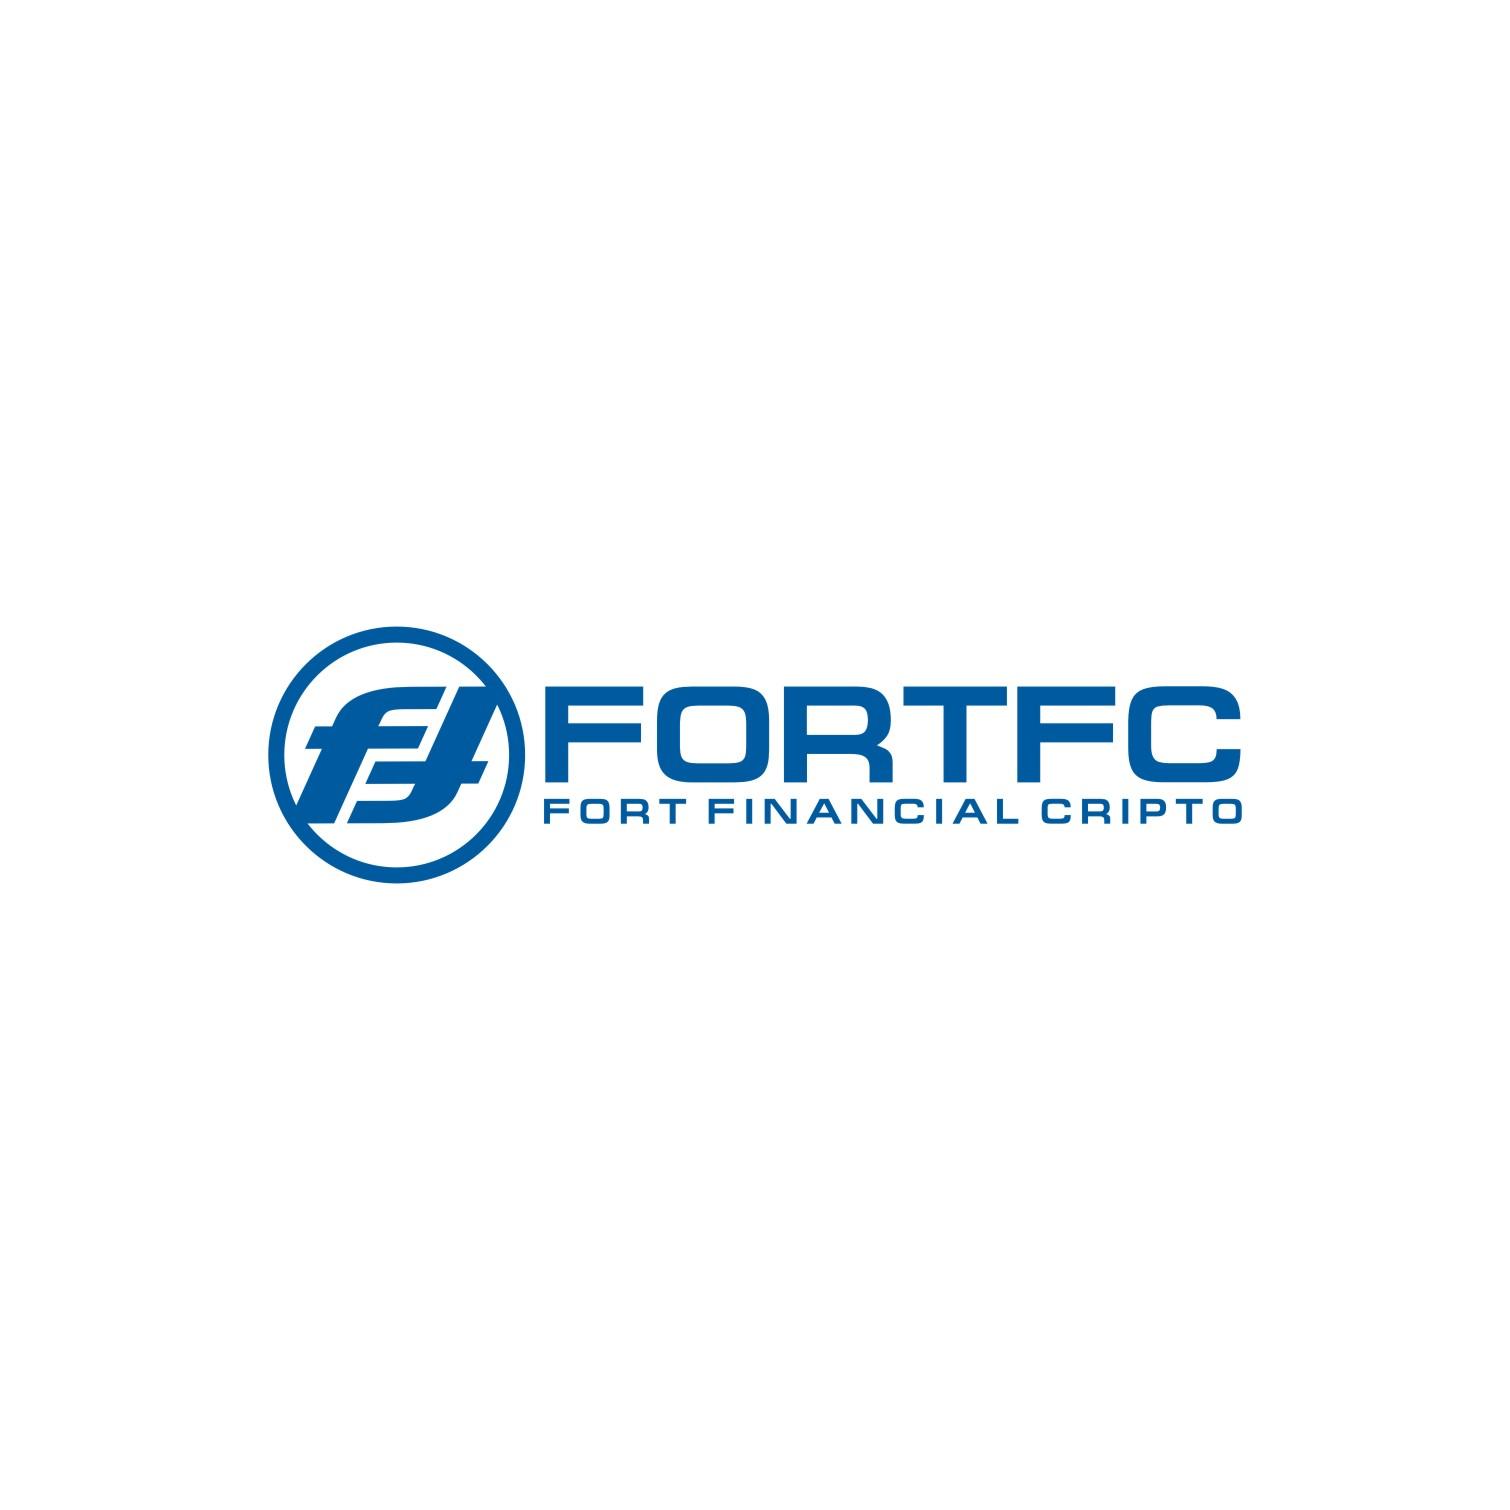 Разработка логотипа финансовой компании фото f_0025a840a8f88eae.jpg